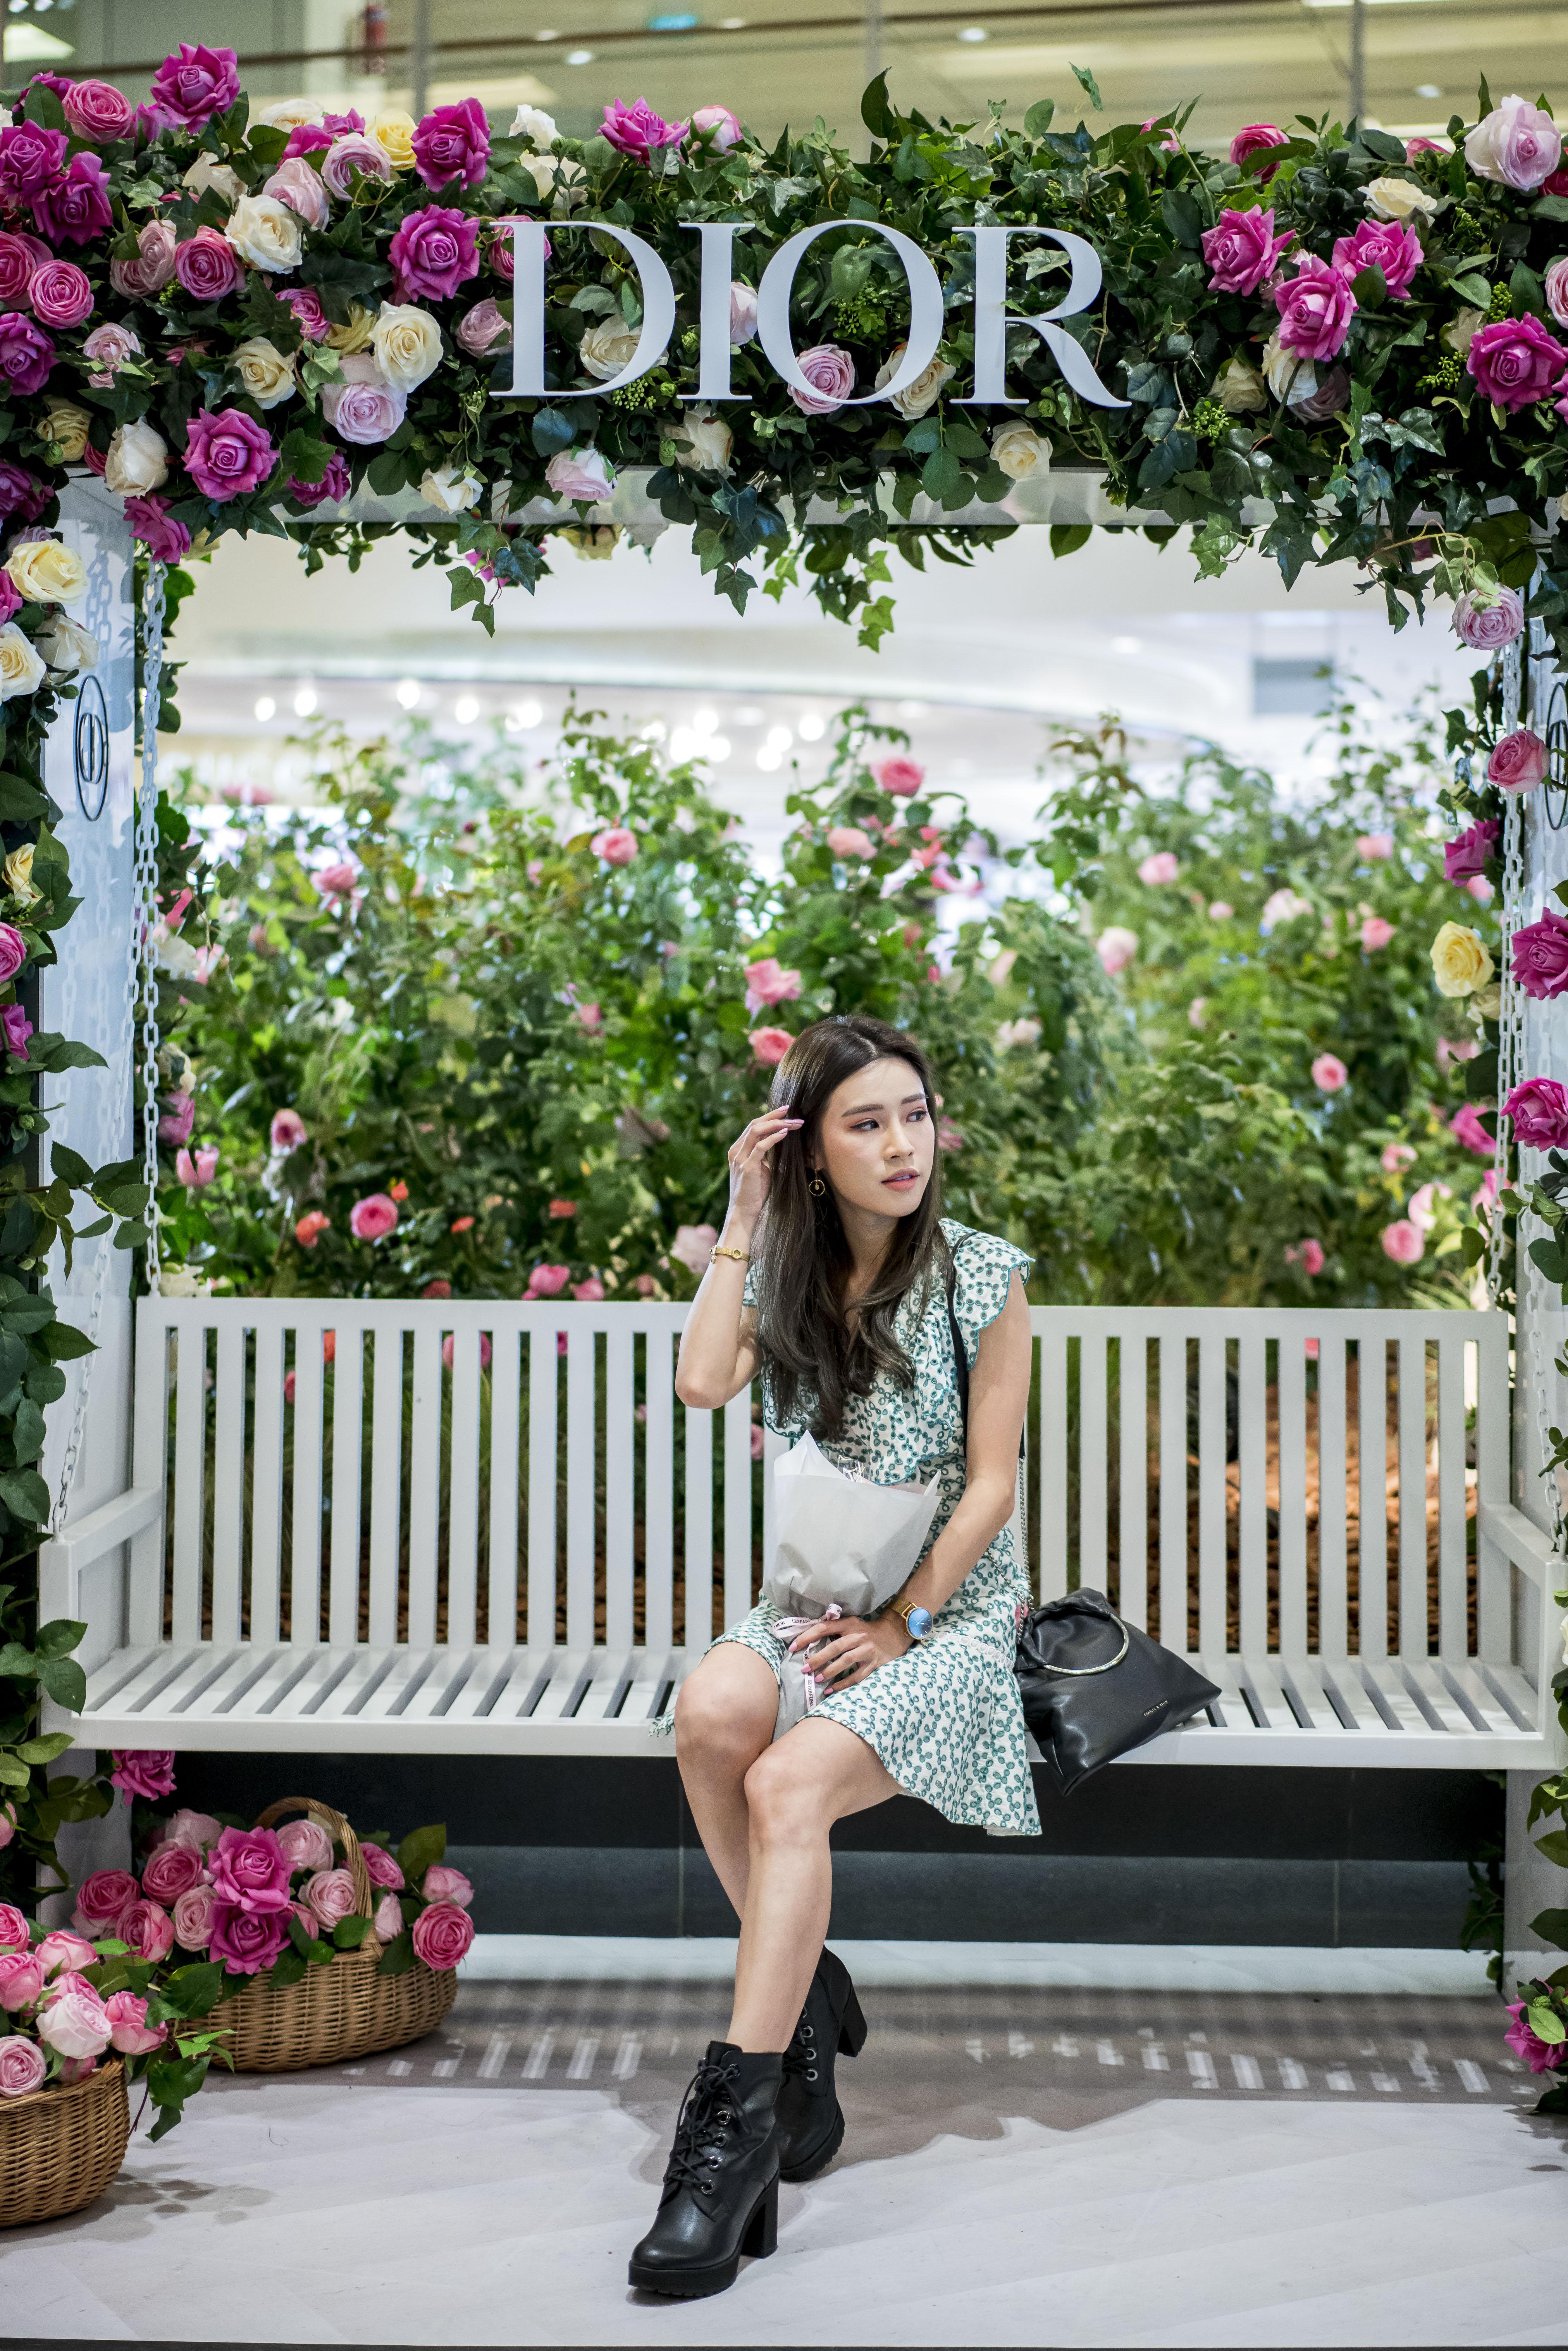 Dior Les Parfums Changi Airport Pop Up 3